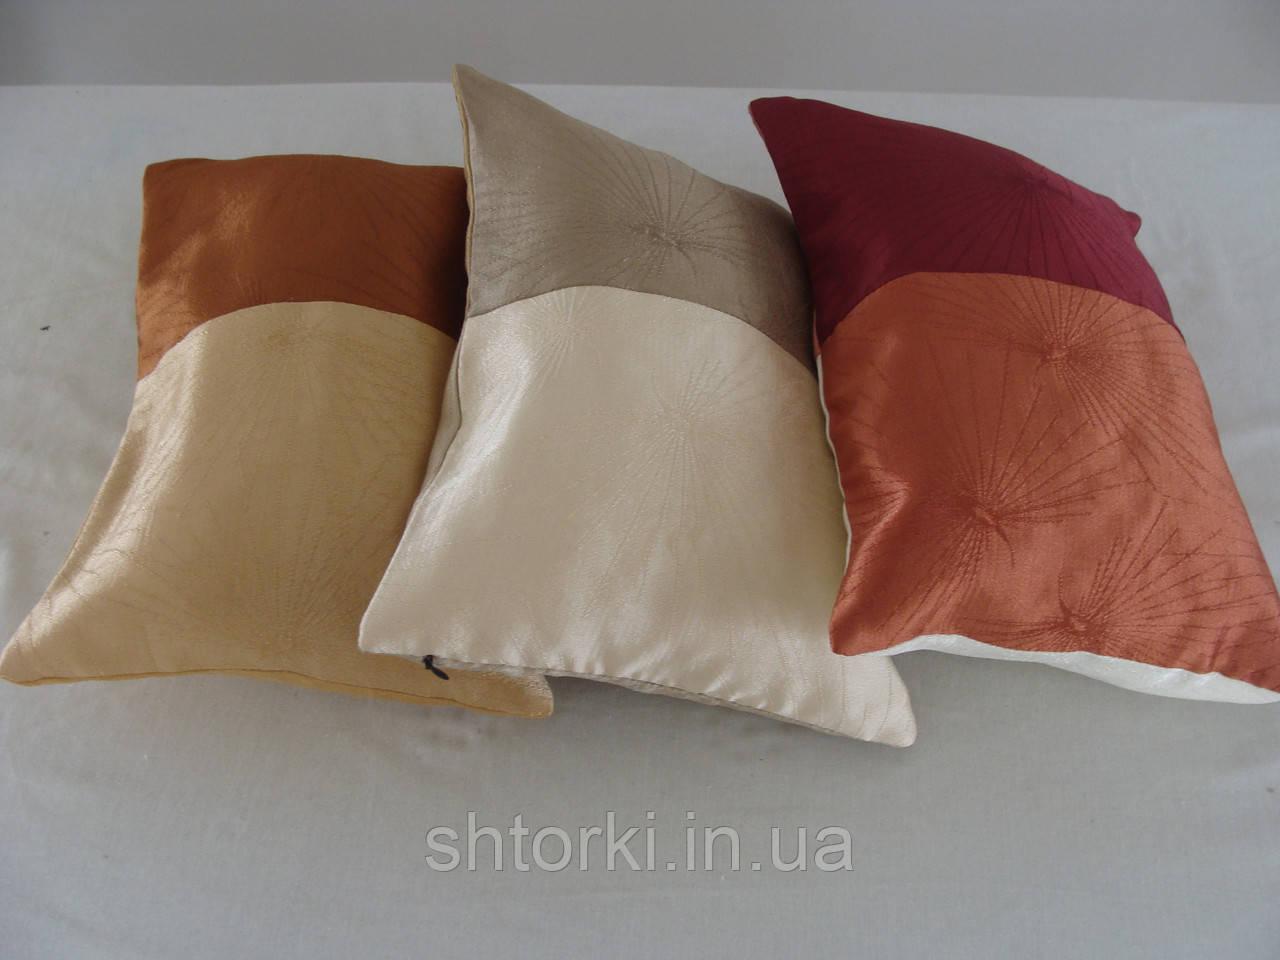 Комплект подушек  разноцвет, 3шт